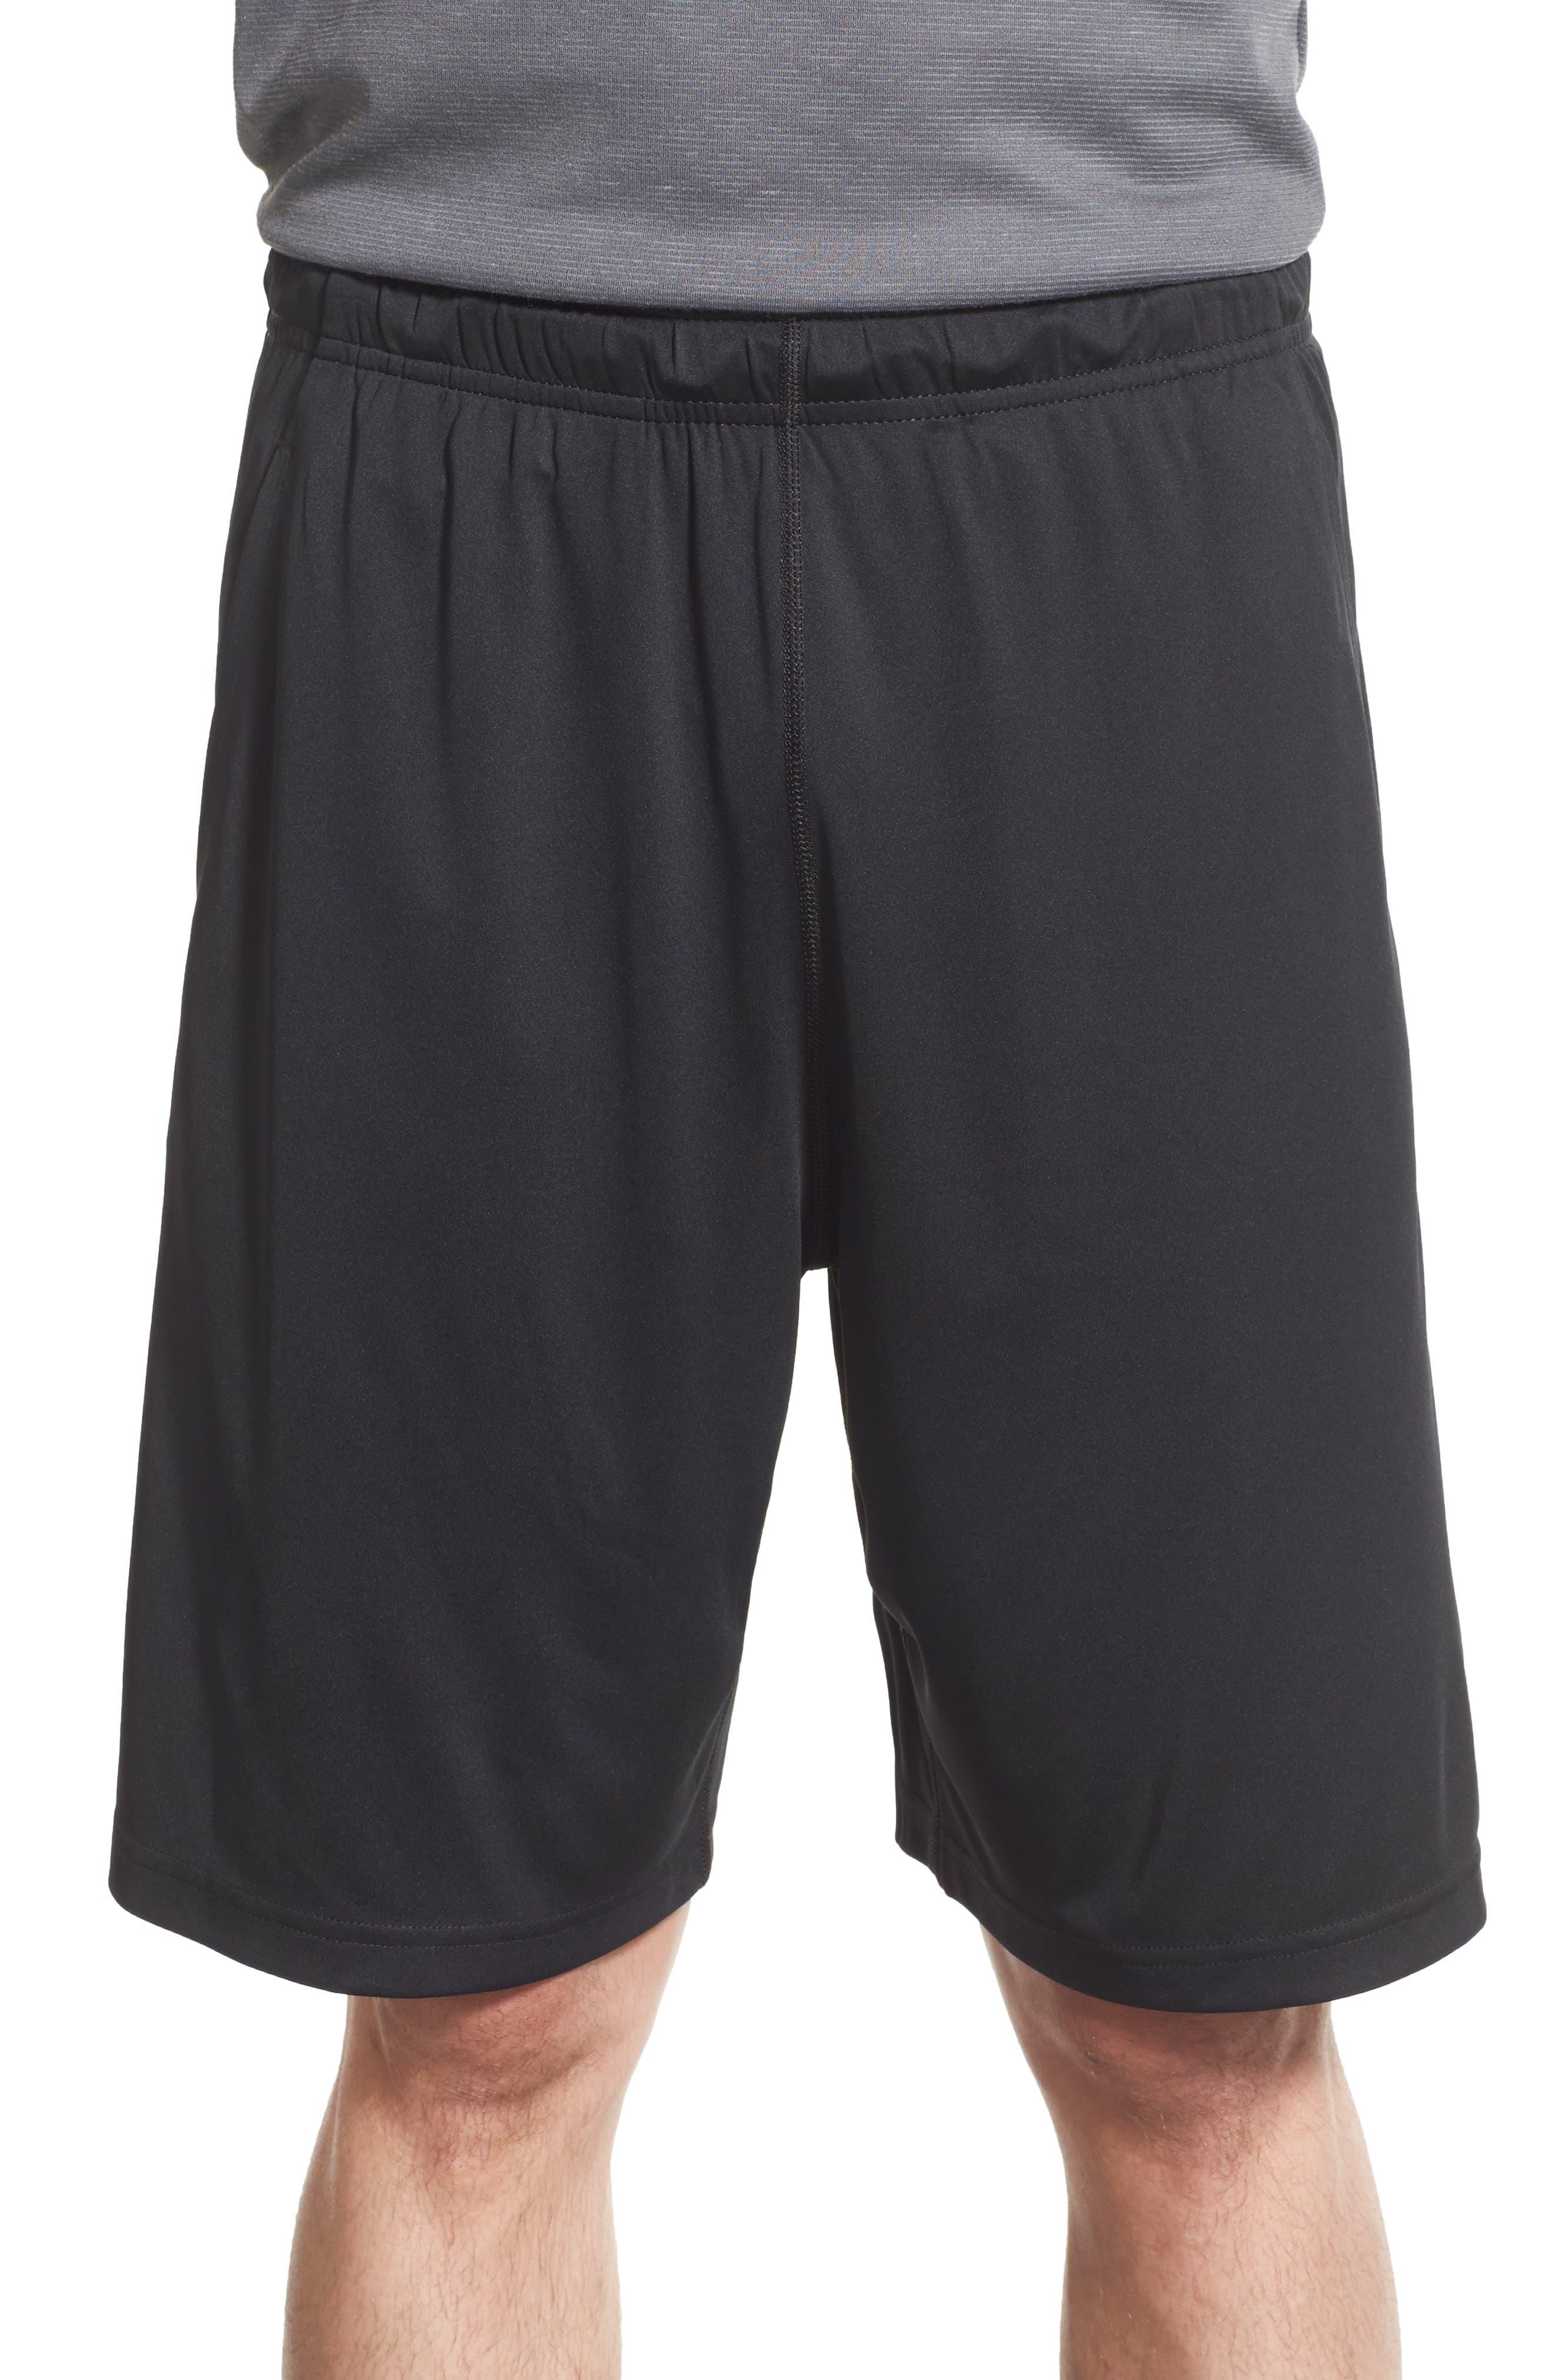 Alternate Image 1 Selected - Nike Fly Athletic Shorts